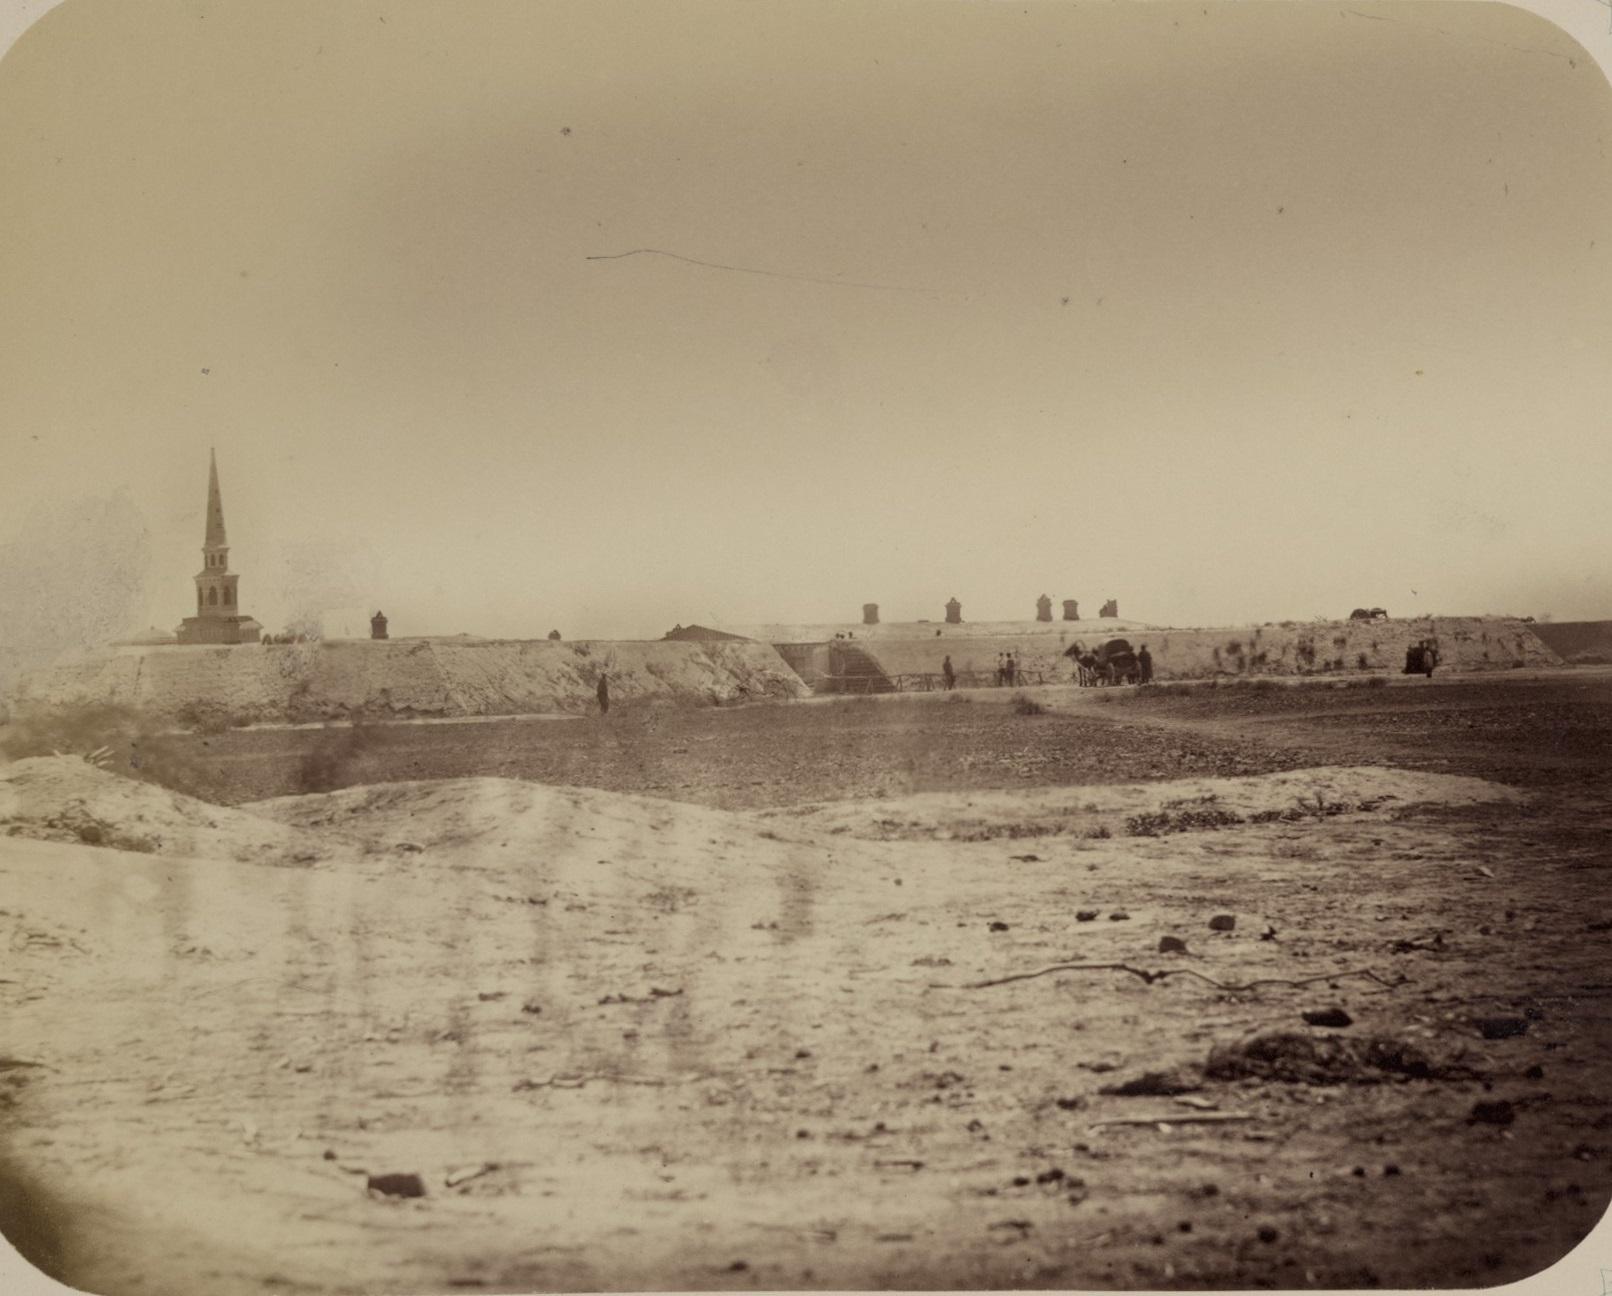 Окрестности Казалинска. Джулек (Джюлек) — укрепление на правом берегу Сырдарьи